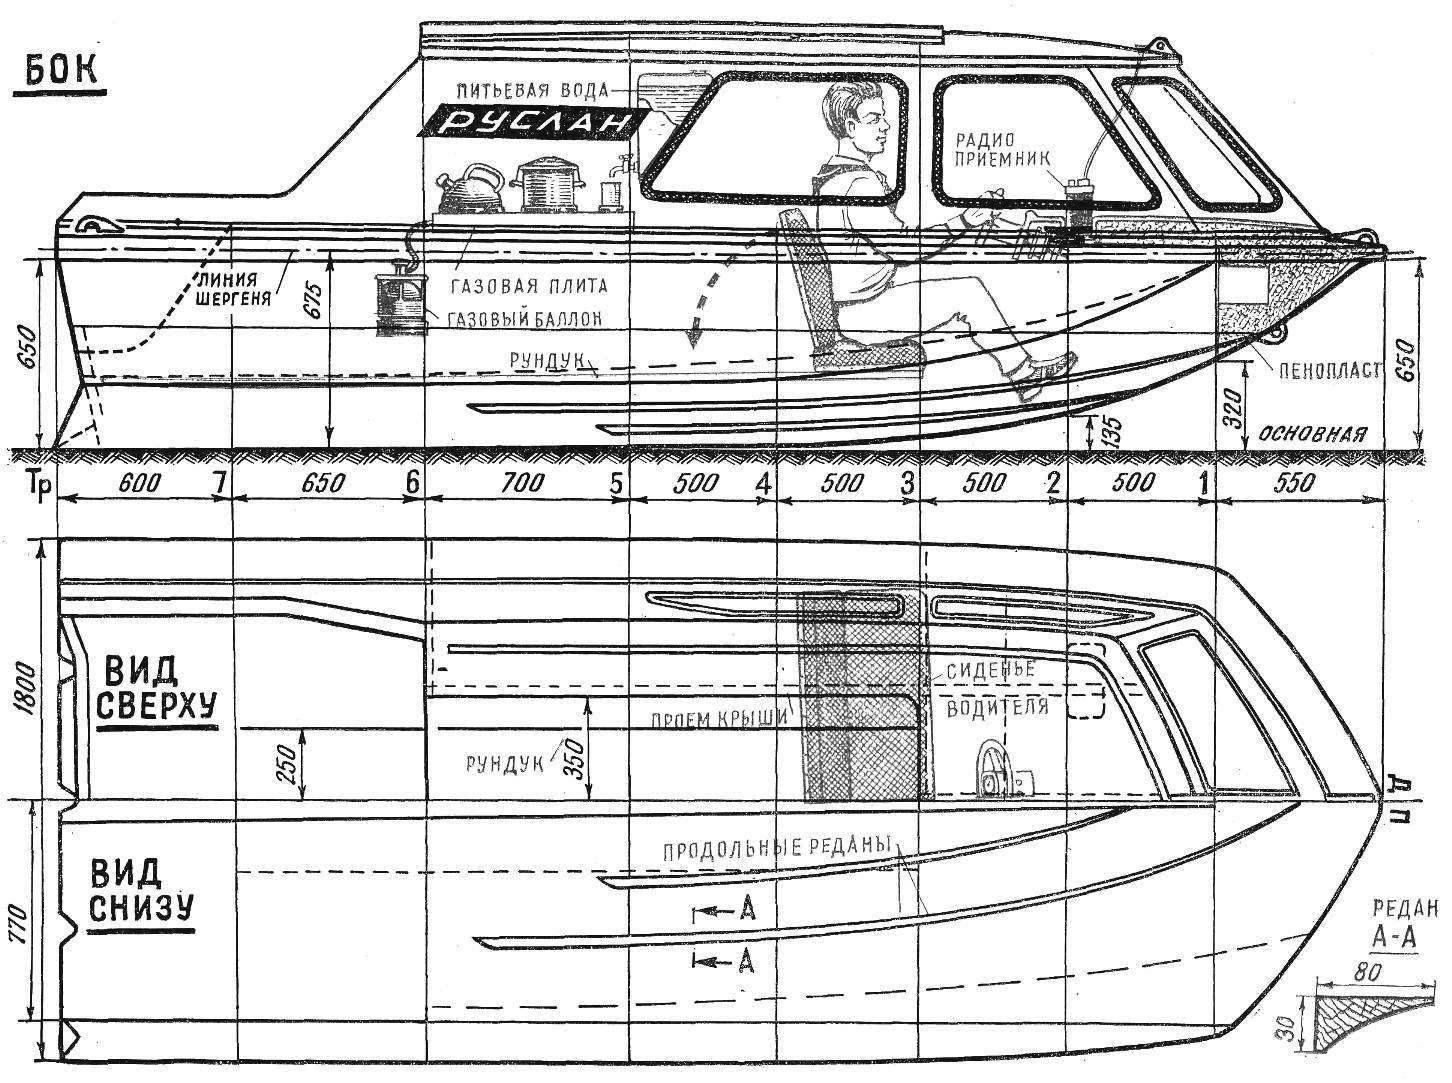 Рис. 4. Каютный катер «Руслан» — проекции «бок» и «полуширота» (вид сбоку, снизу и сверху).